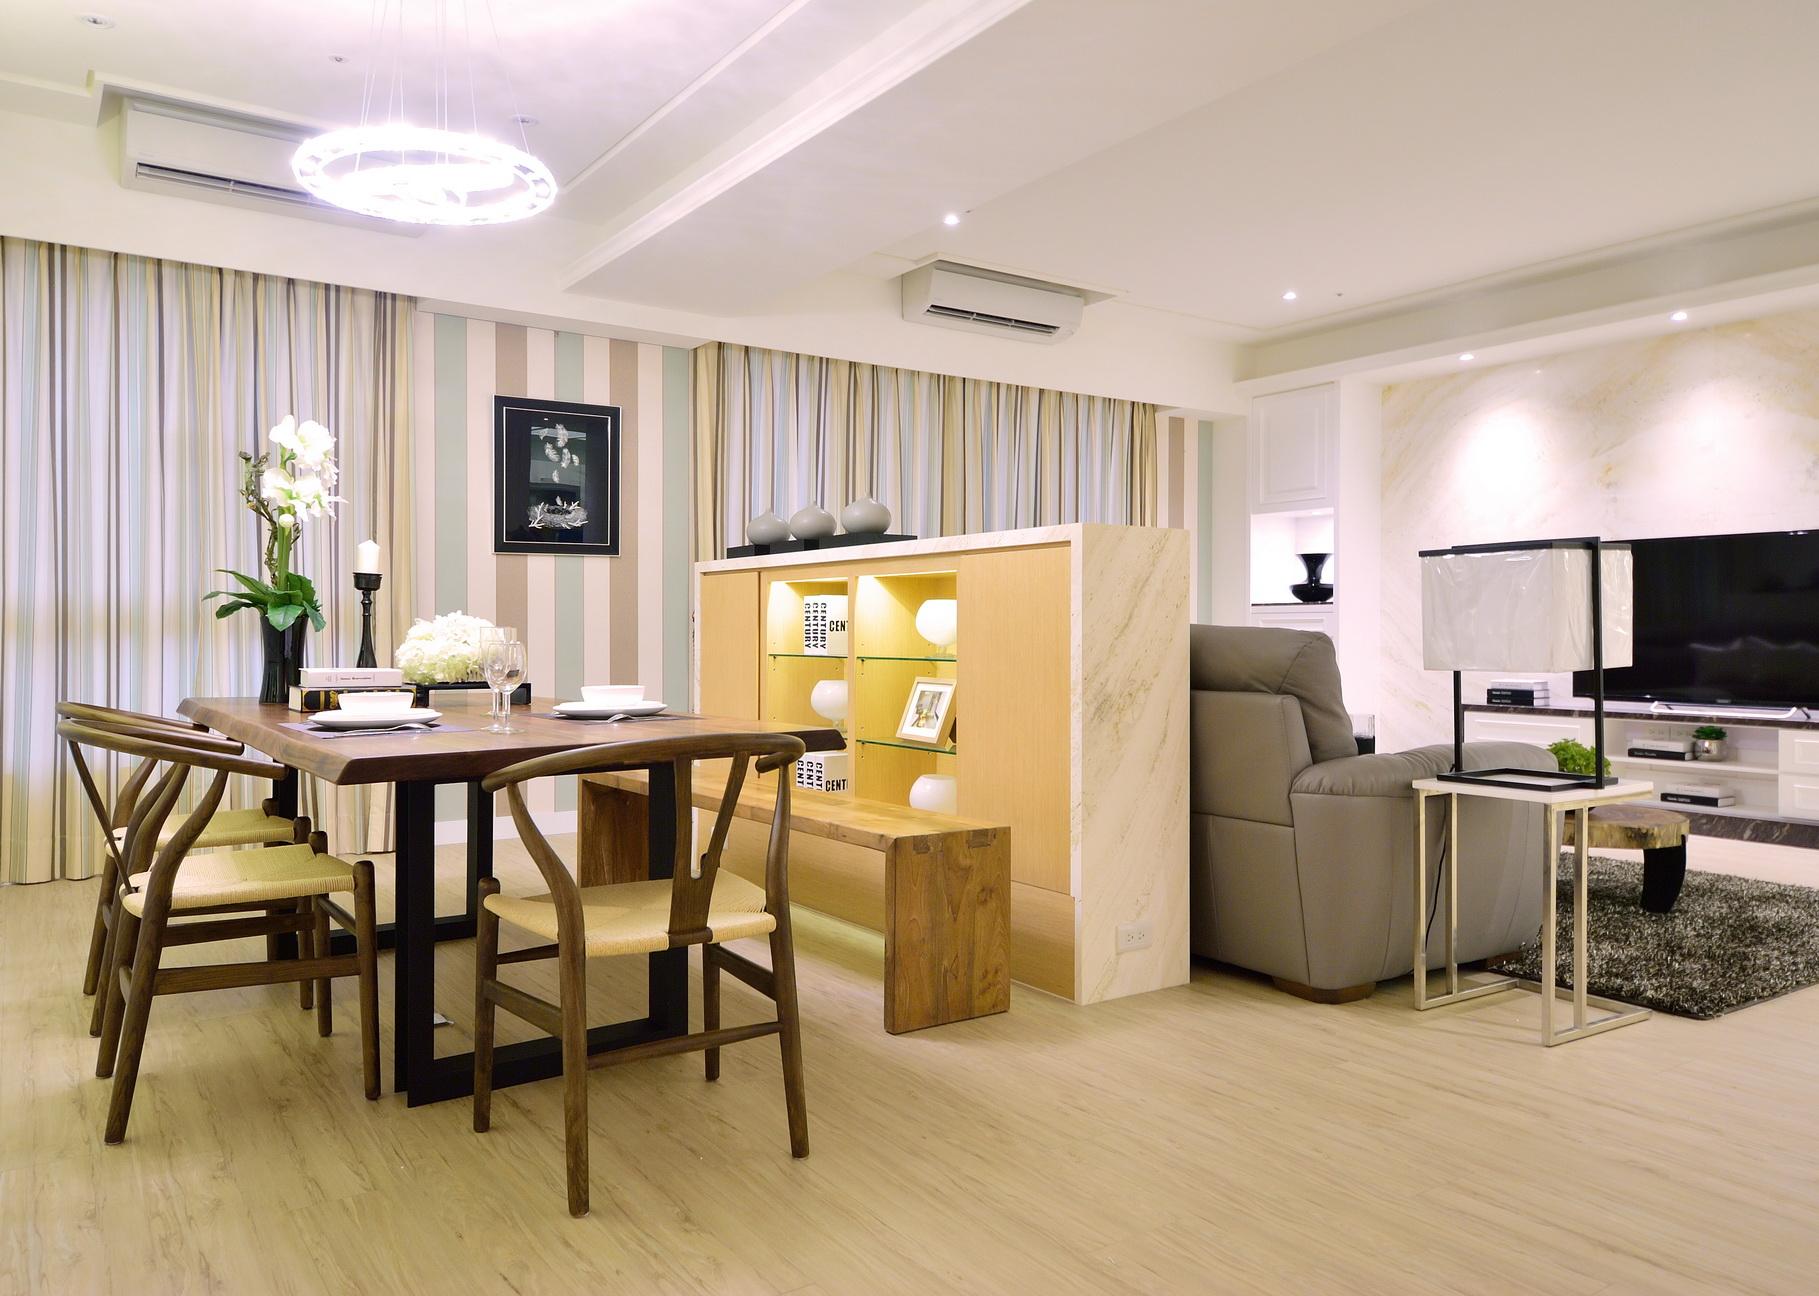 【住宅設計】林口冠東方黃公館-美式簡約居家風餐廳2